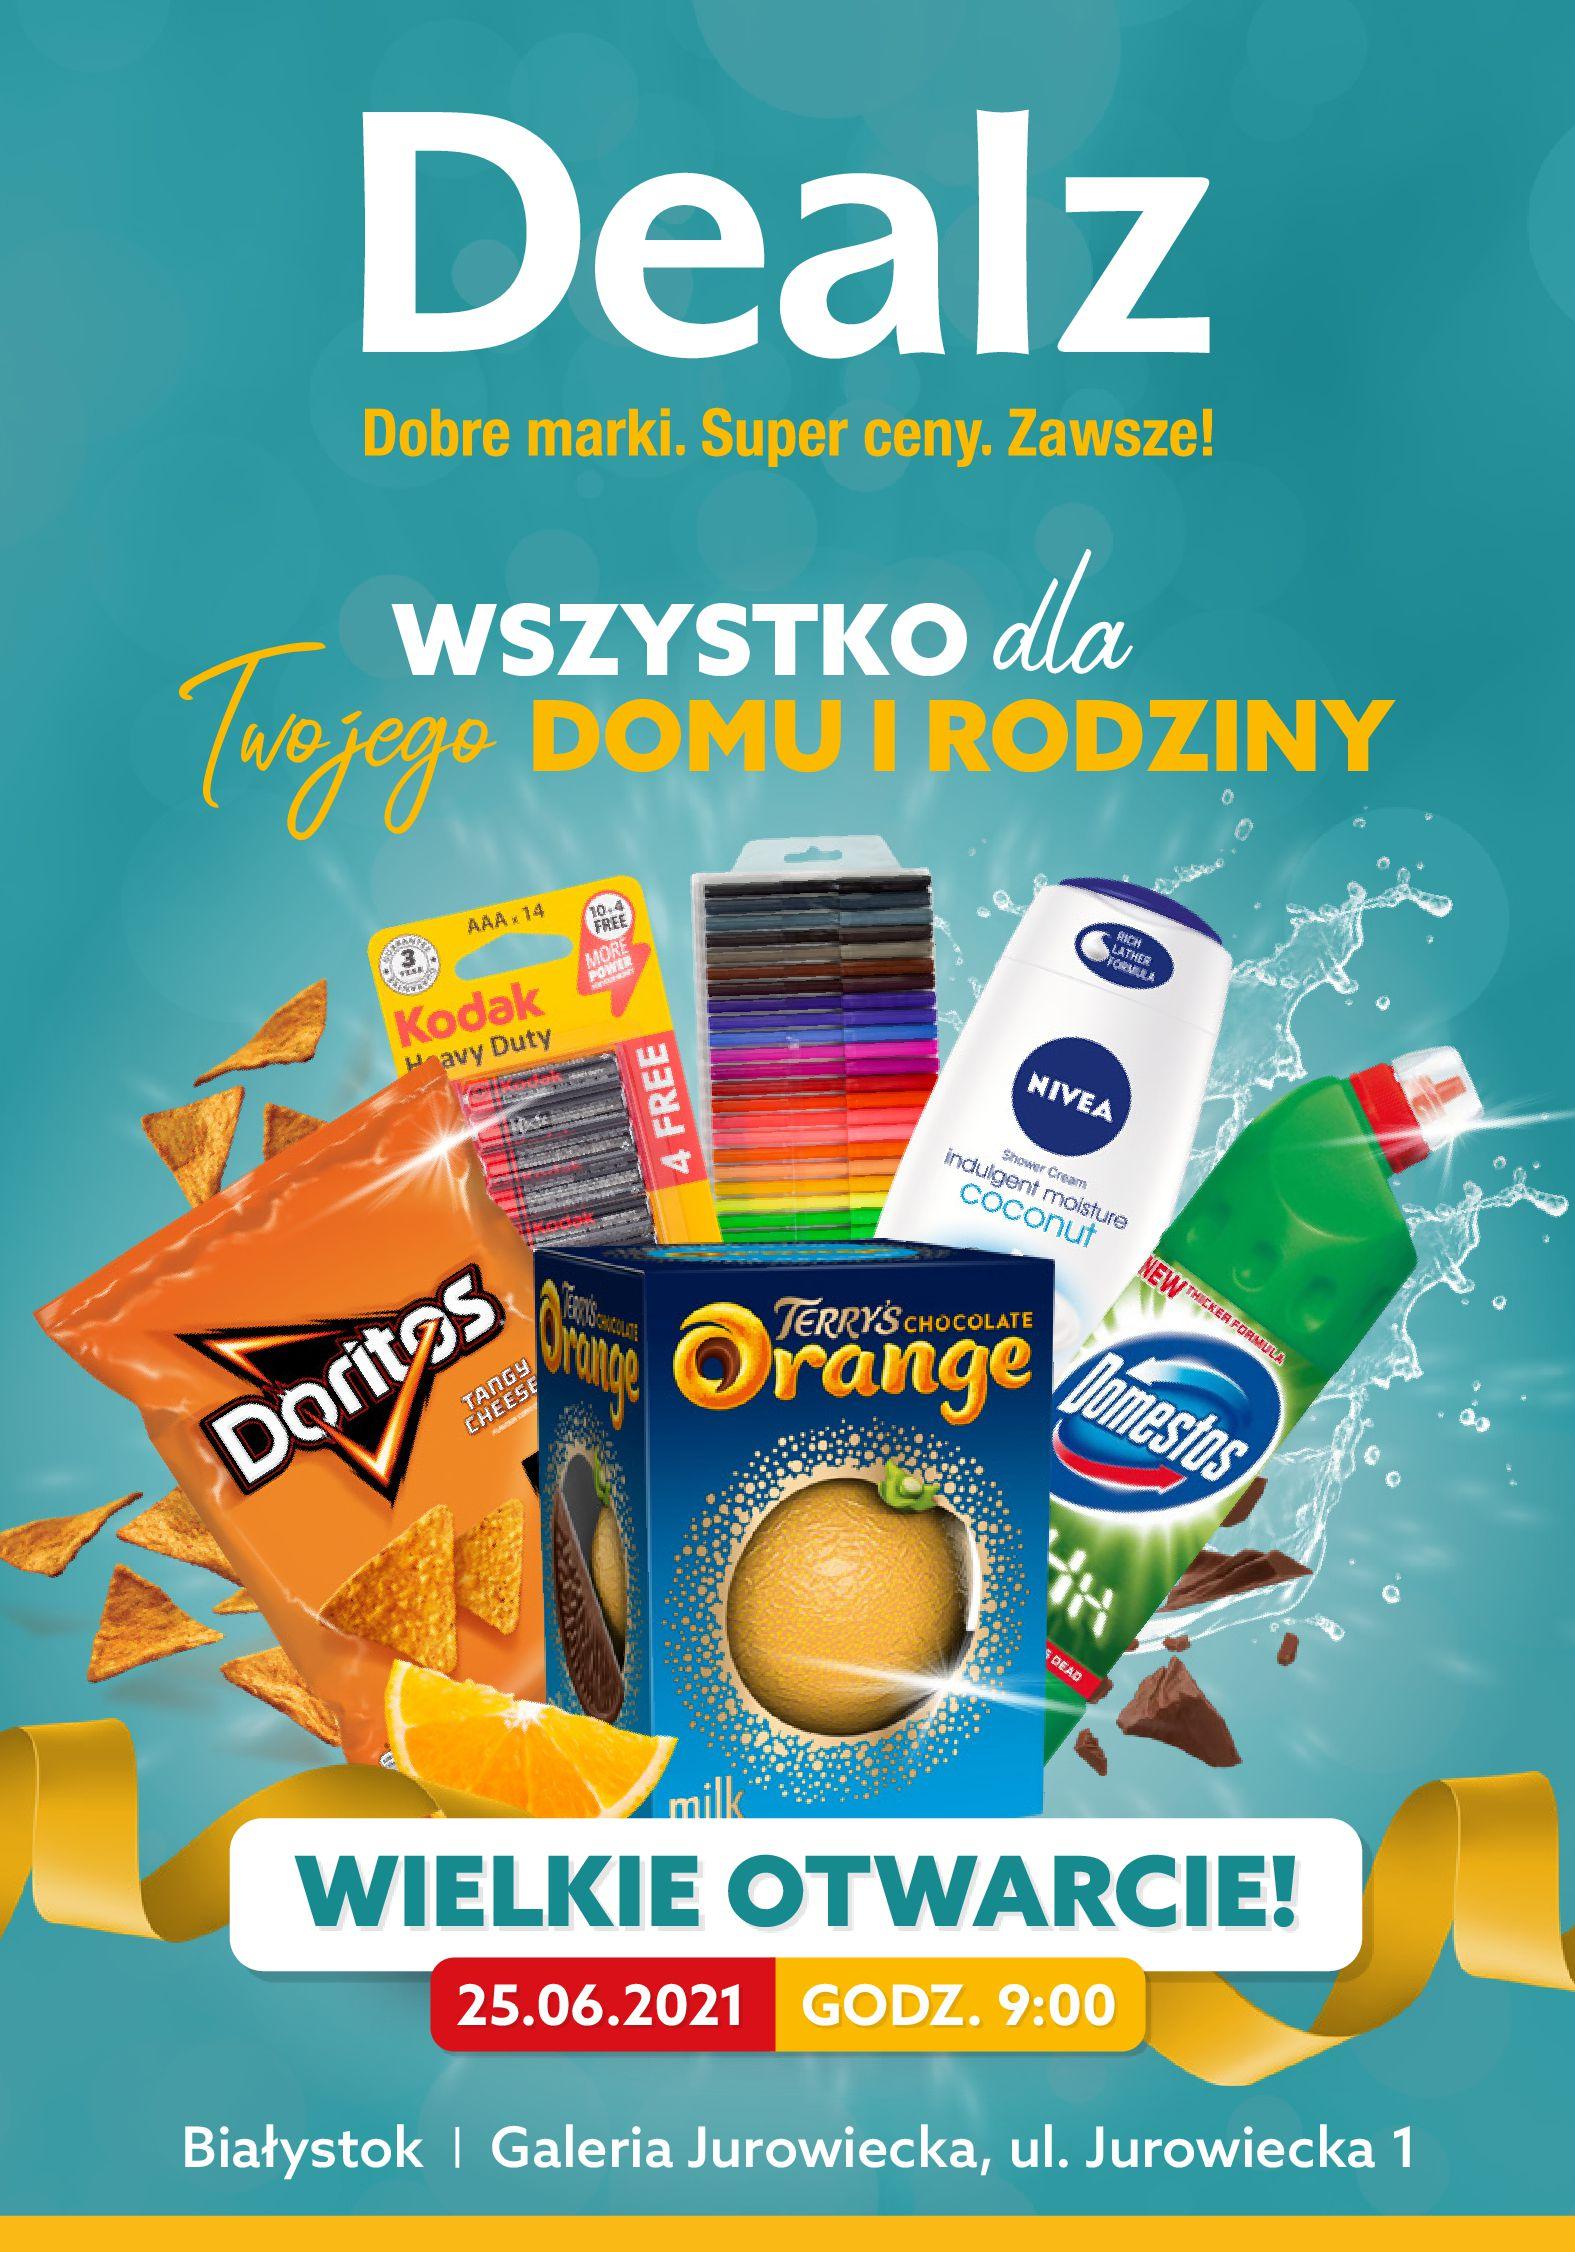 Dealz :  Gazetka Dealz - otwarcie Białystok 24.06.2021